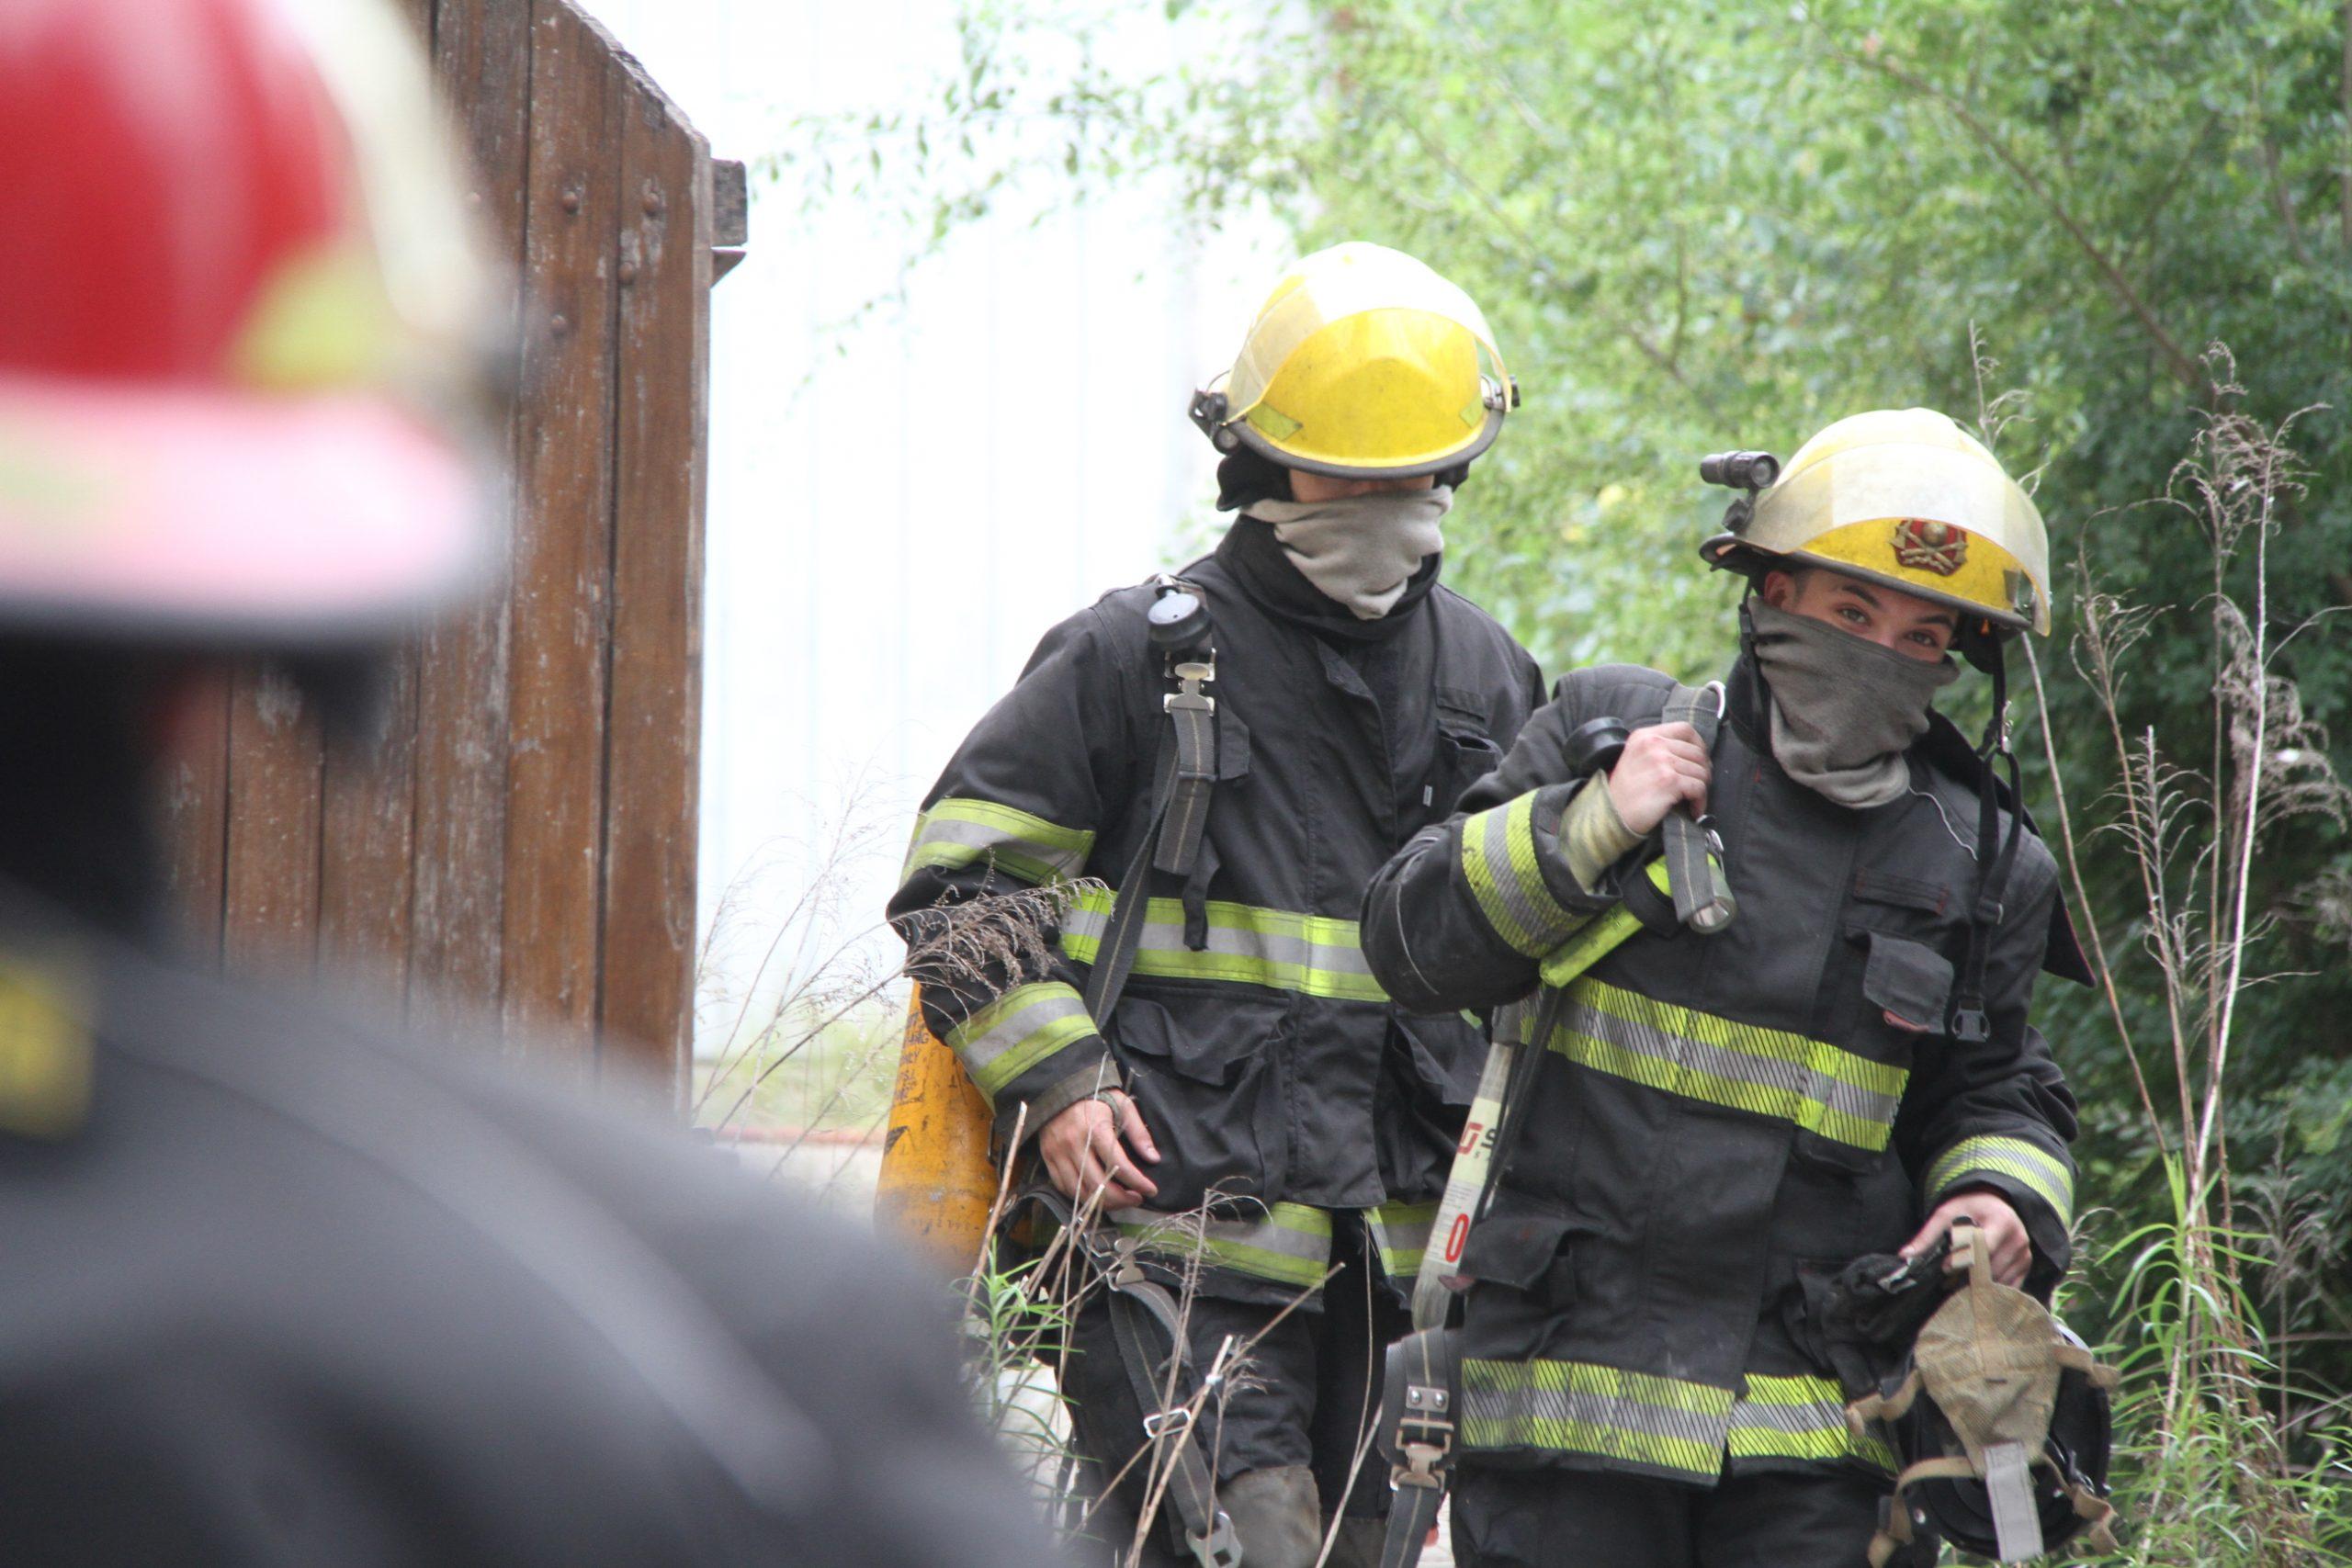 Principio de incendio en un galpón ubicado en calle 19 entre Avenida San Martín y 18